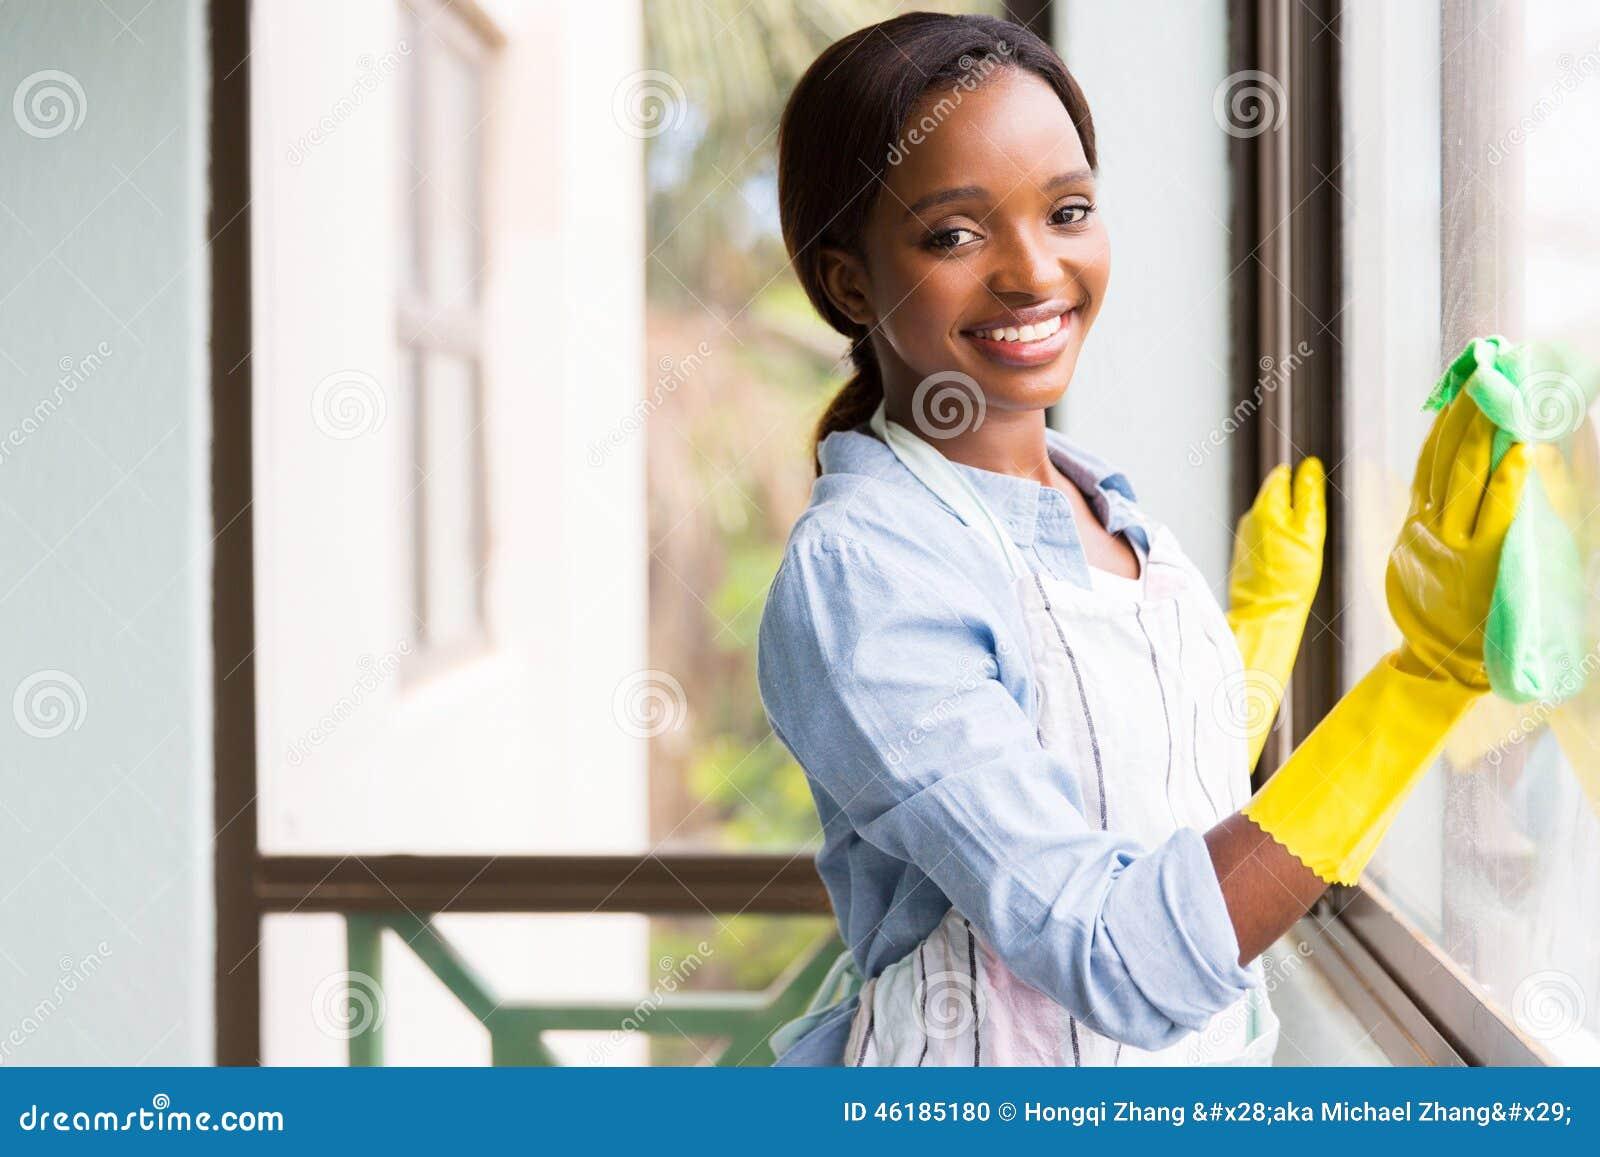 Het Afrikaanse meisje schoonmaken